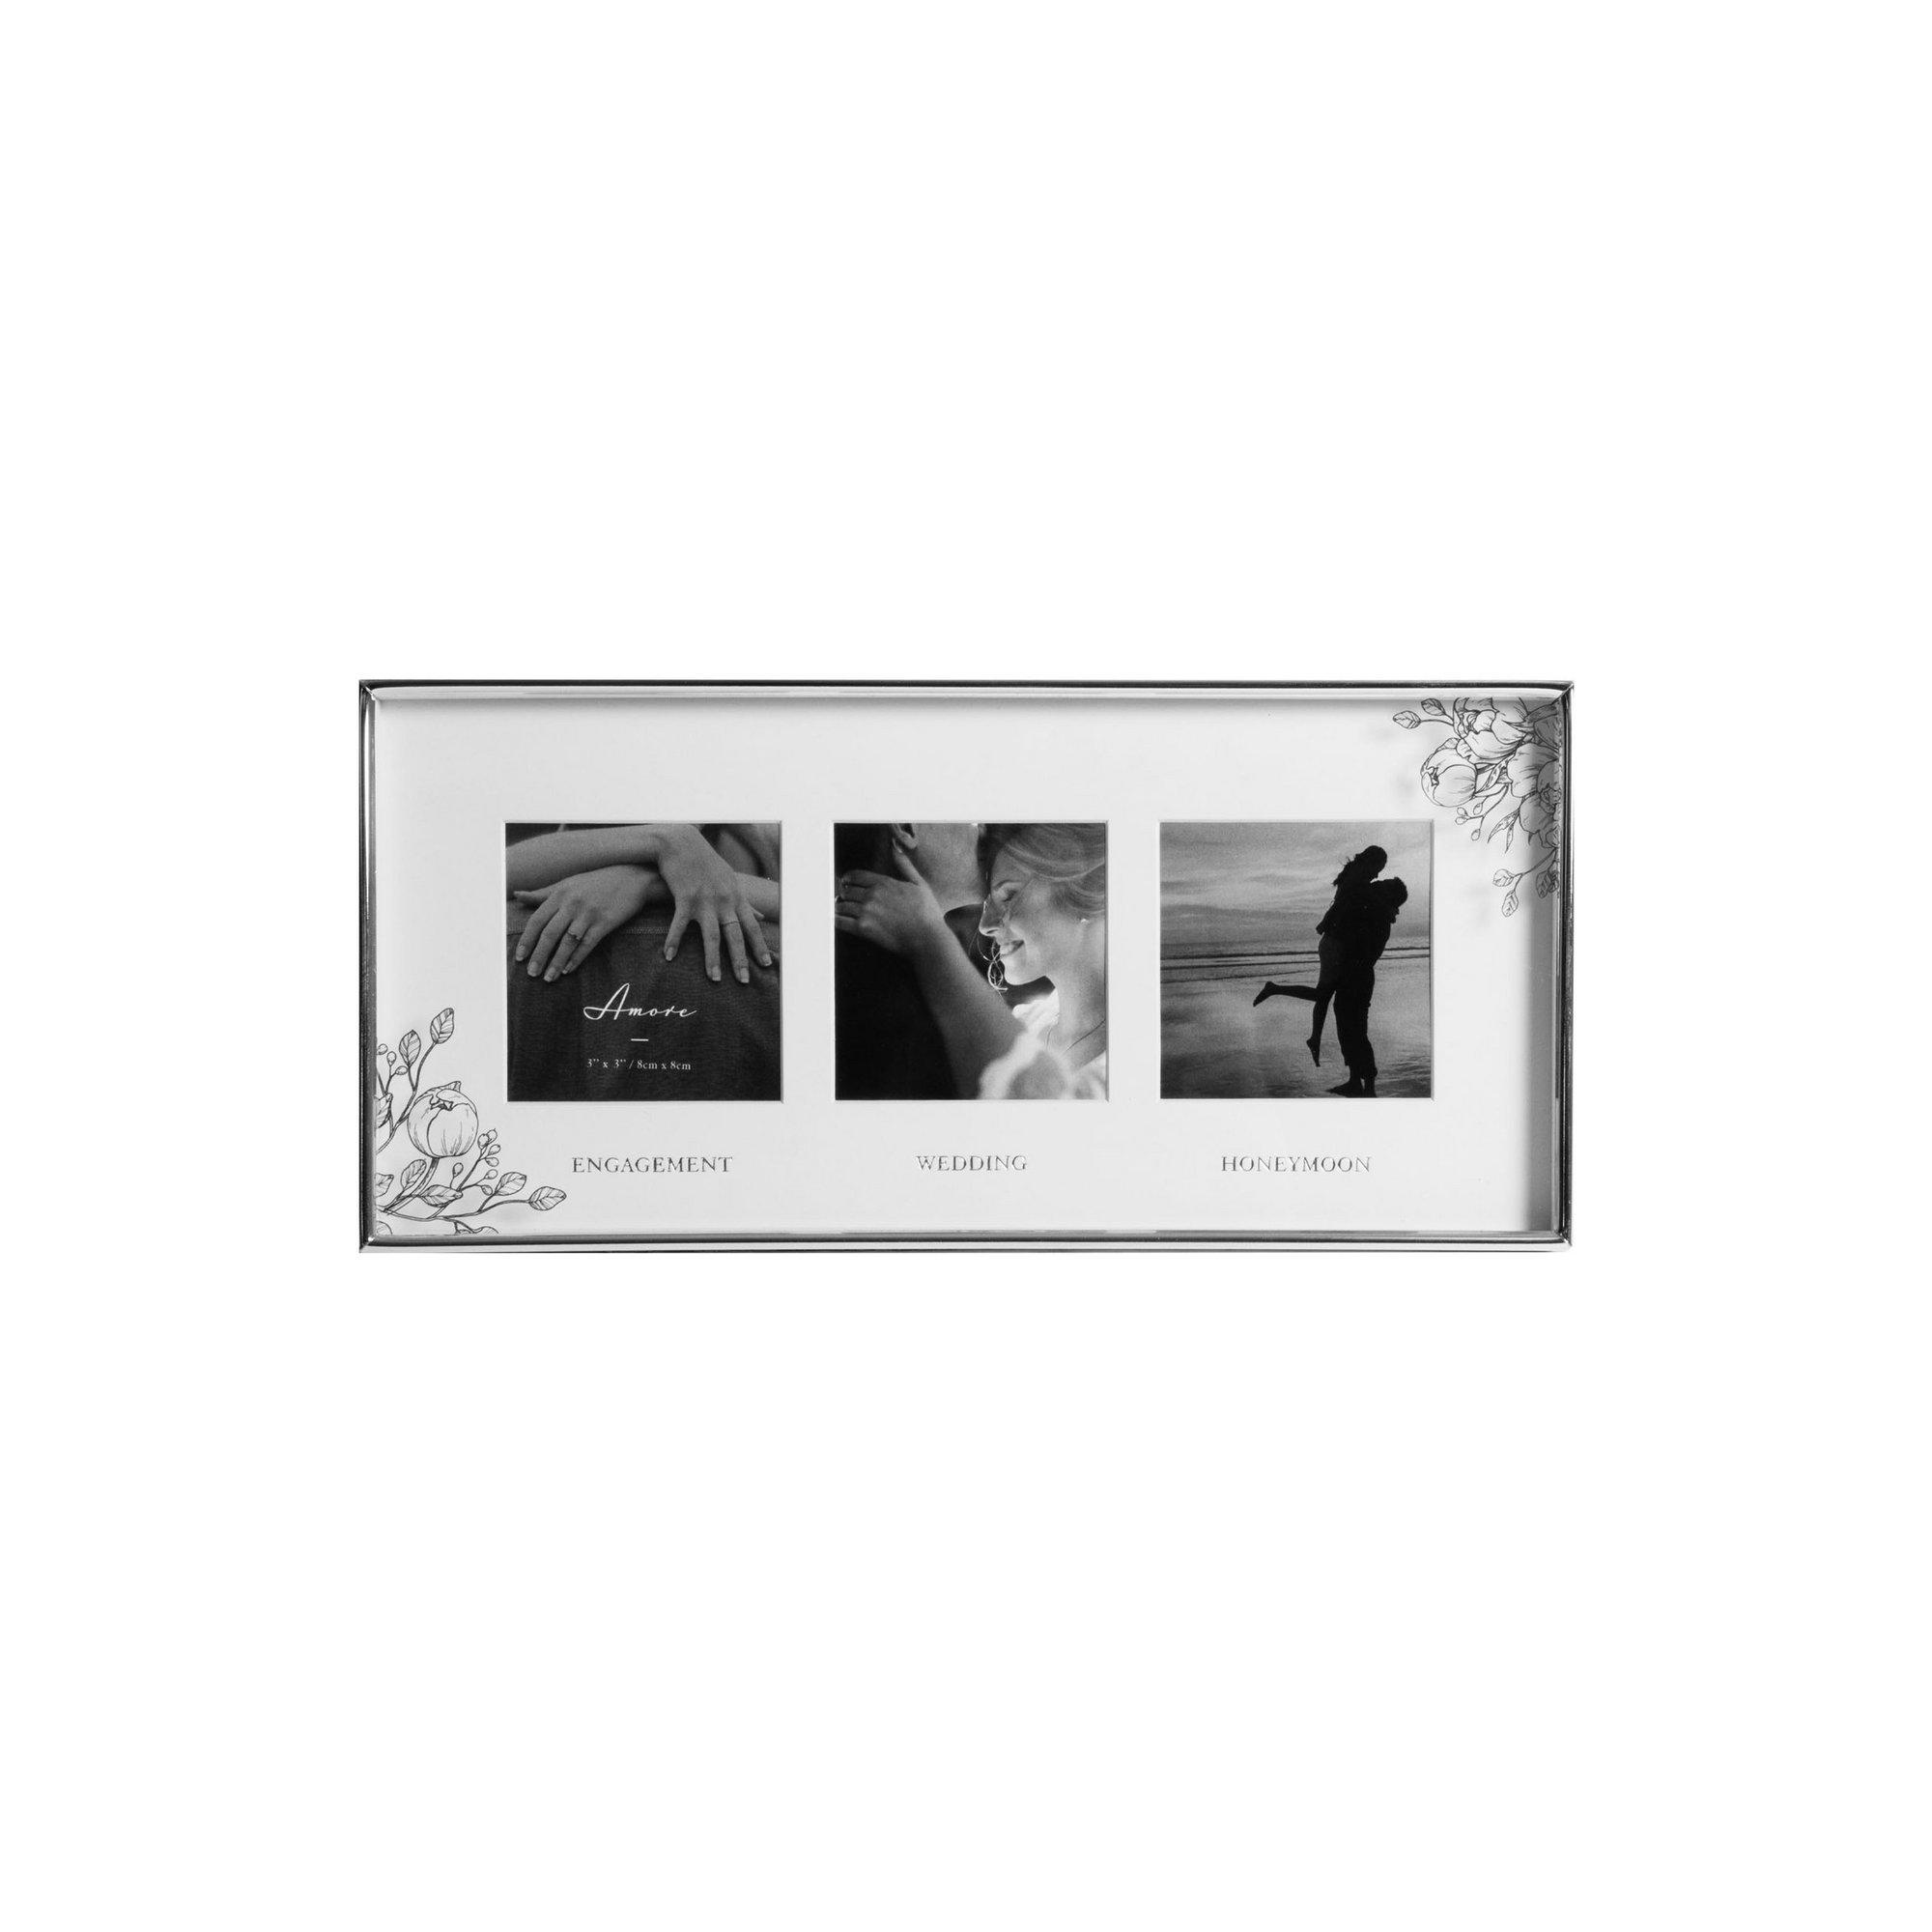 Image of Amore by Juliana Engaged&#44 Wedding&#44 Honeymoon Frame